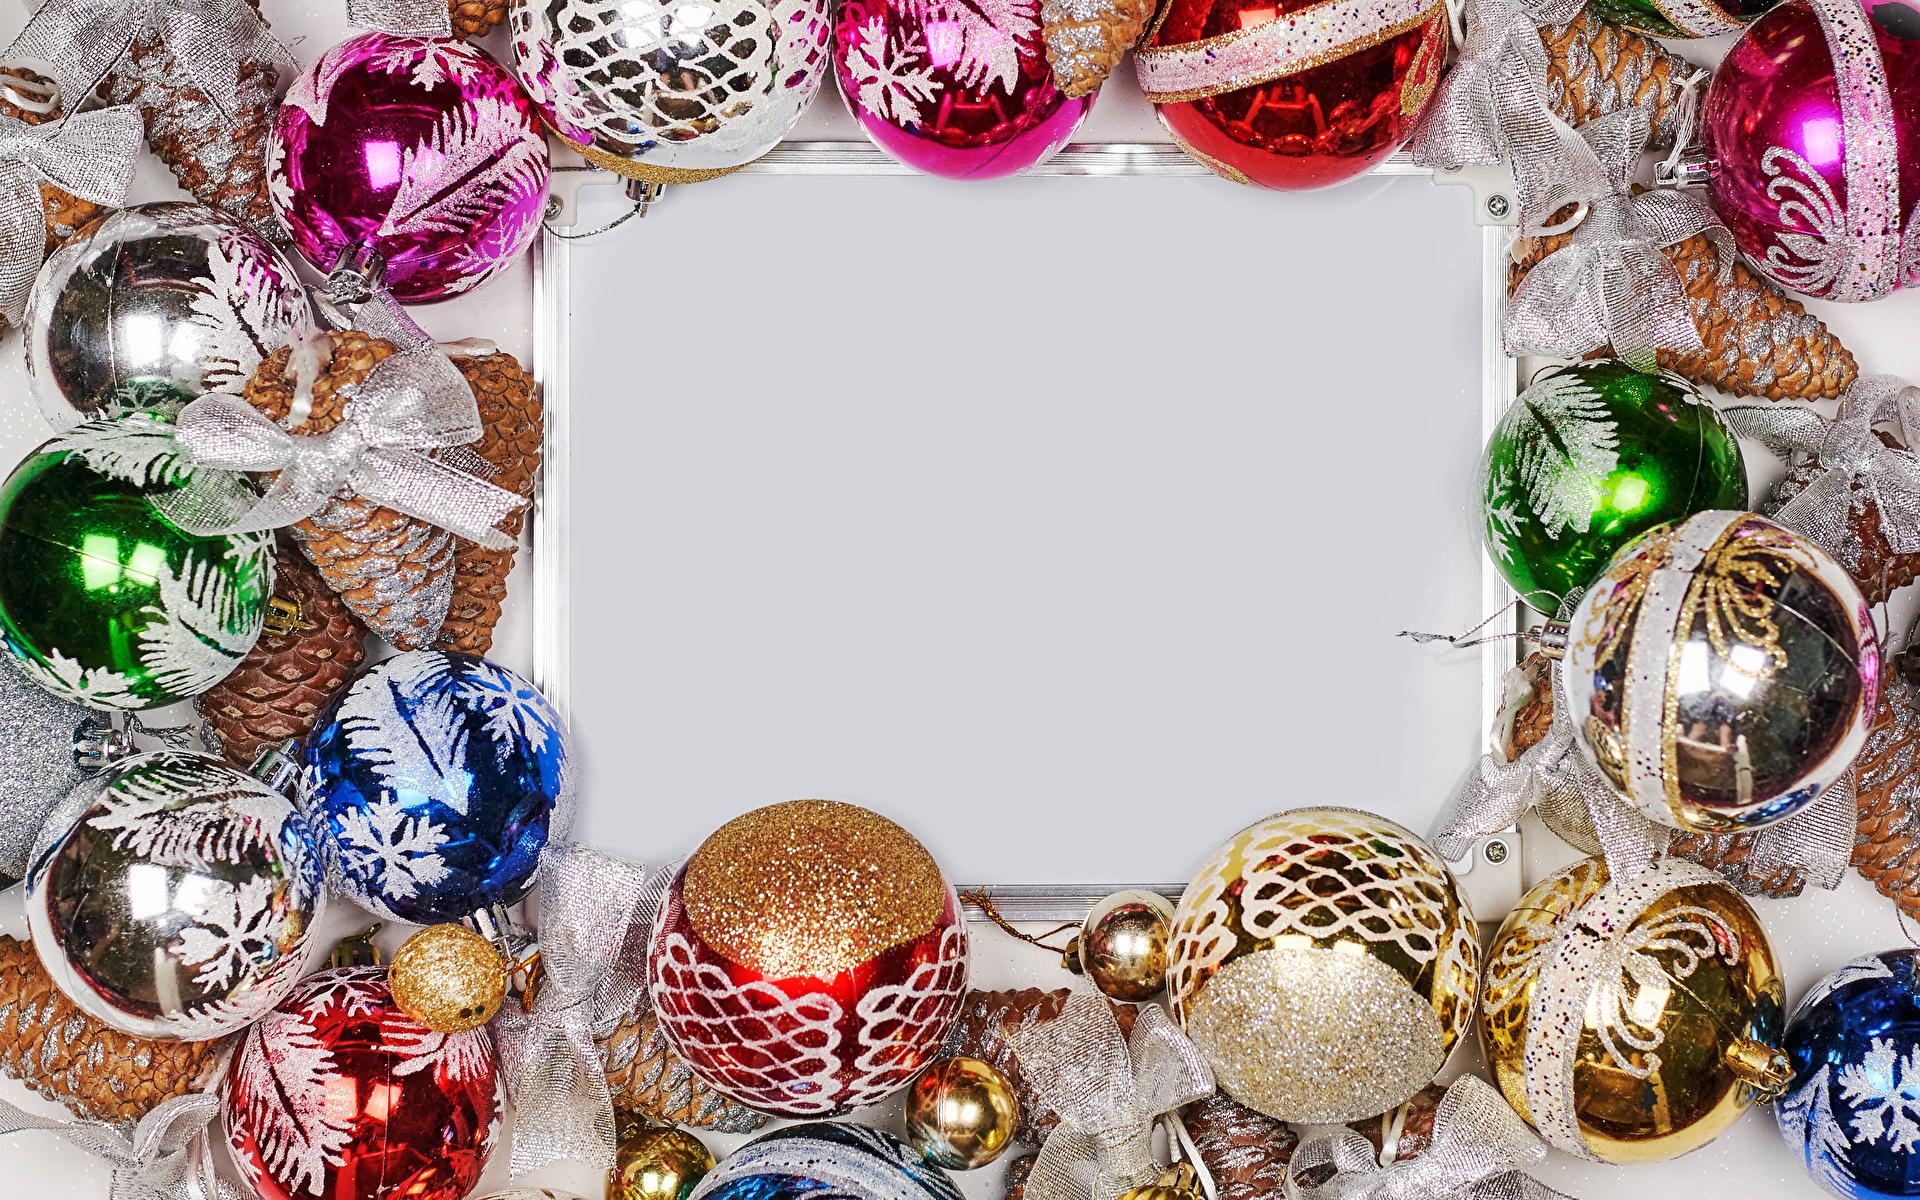 Обои для рабочего стола Новый год Шарики бантики Шаблон поздравительной открытки 1920x1200 Рождество Шар бант Бантик